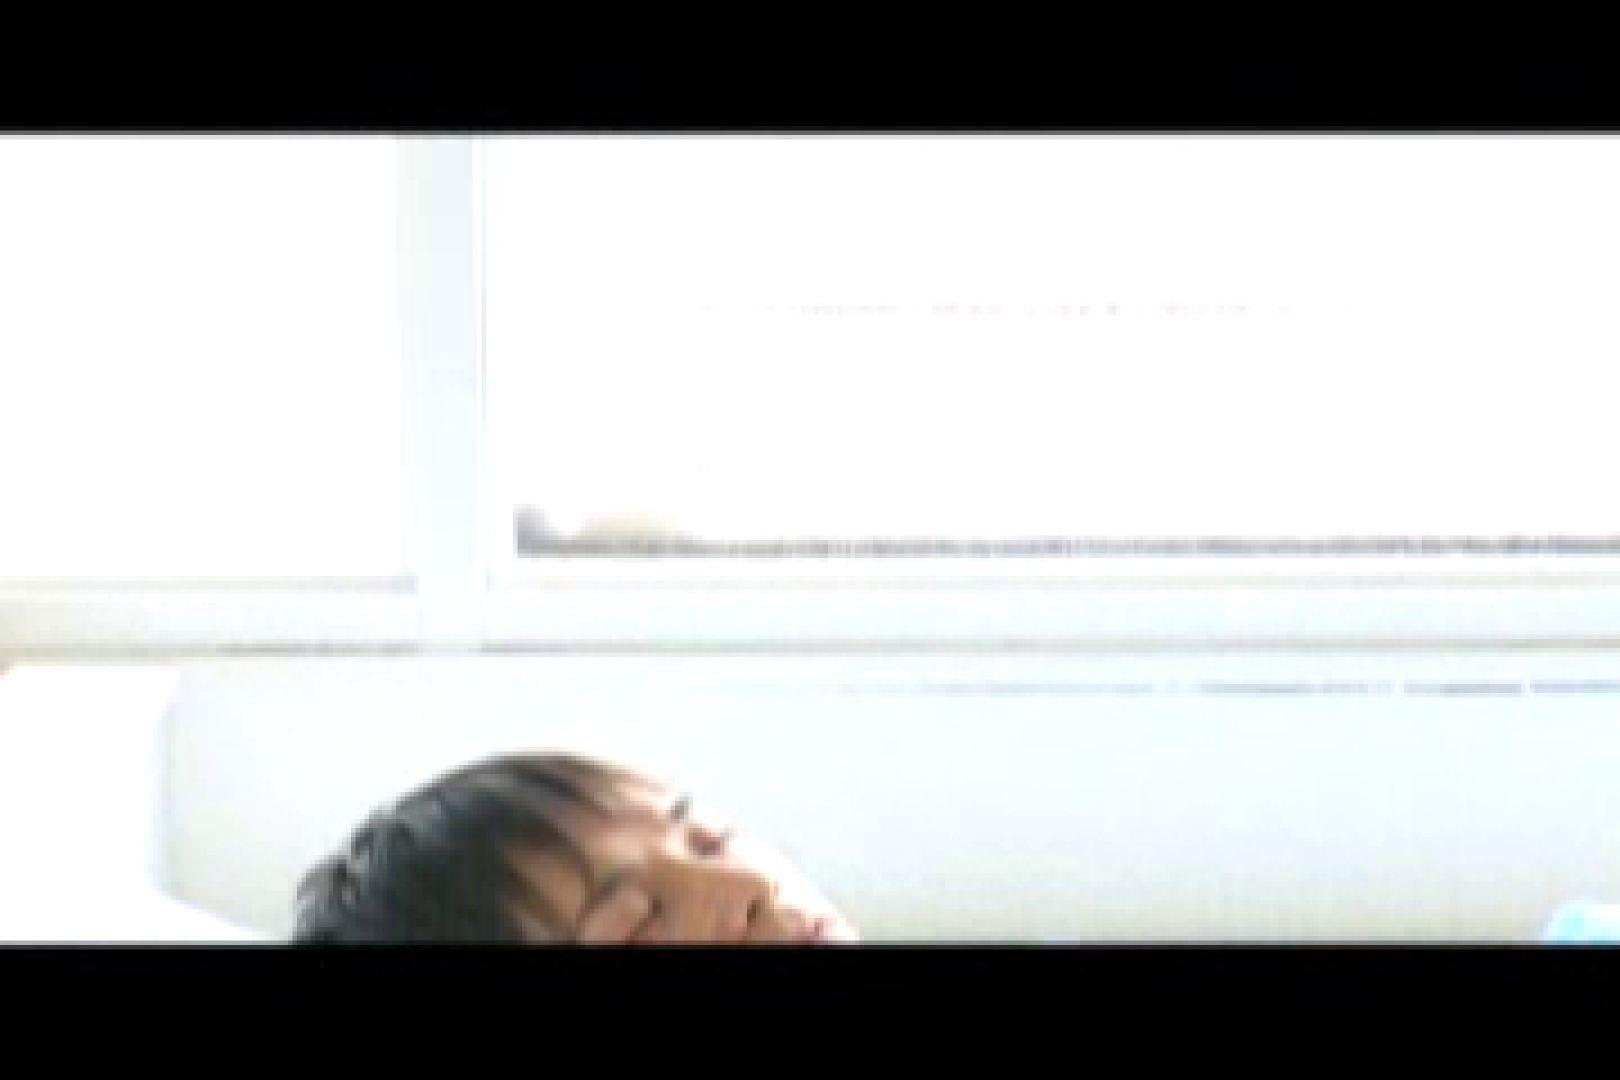 美男子コレクションvol7 イケメン  103pic 26